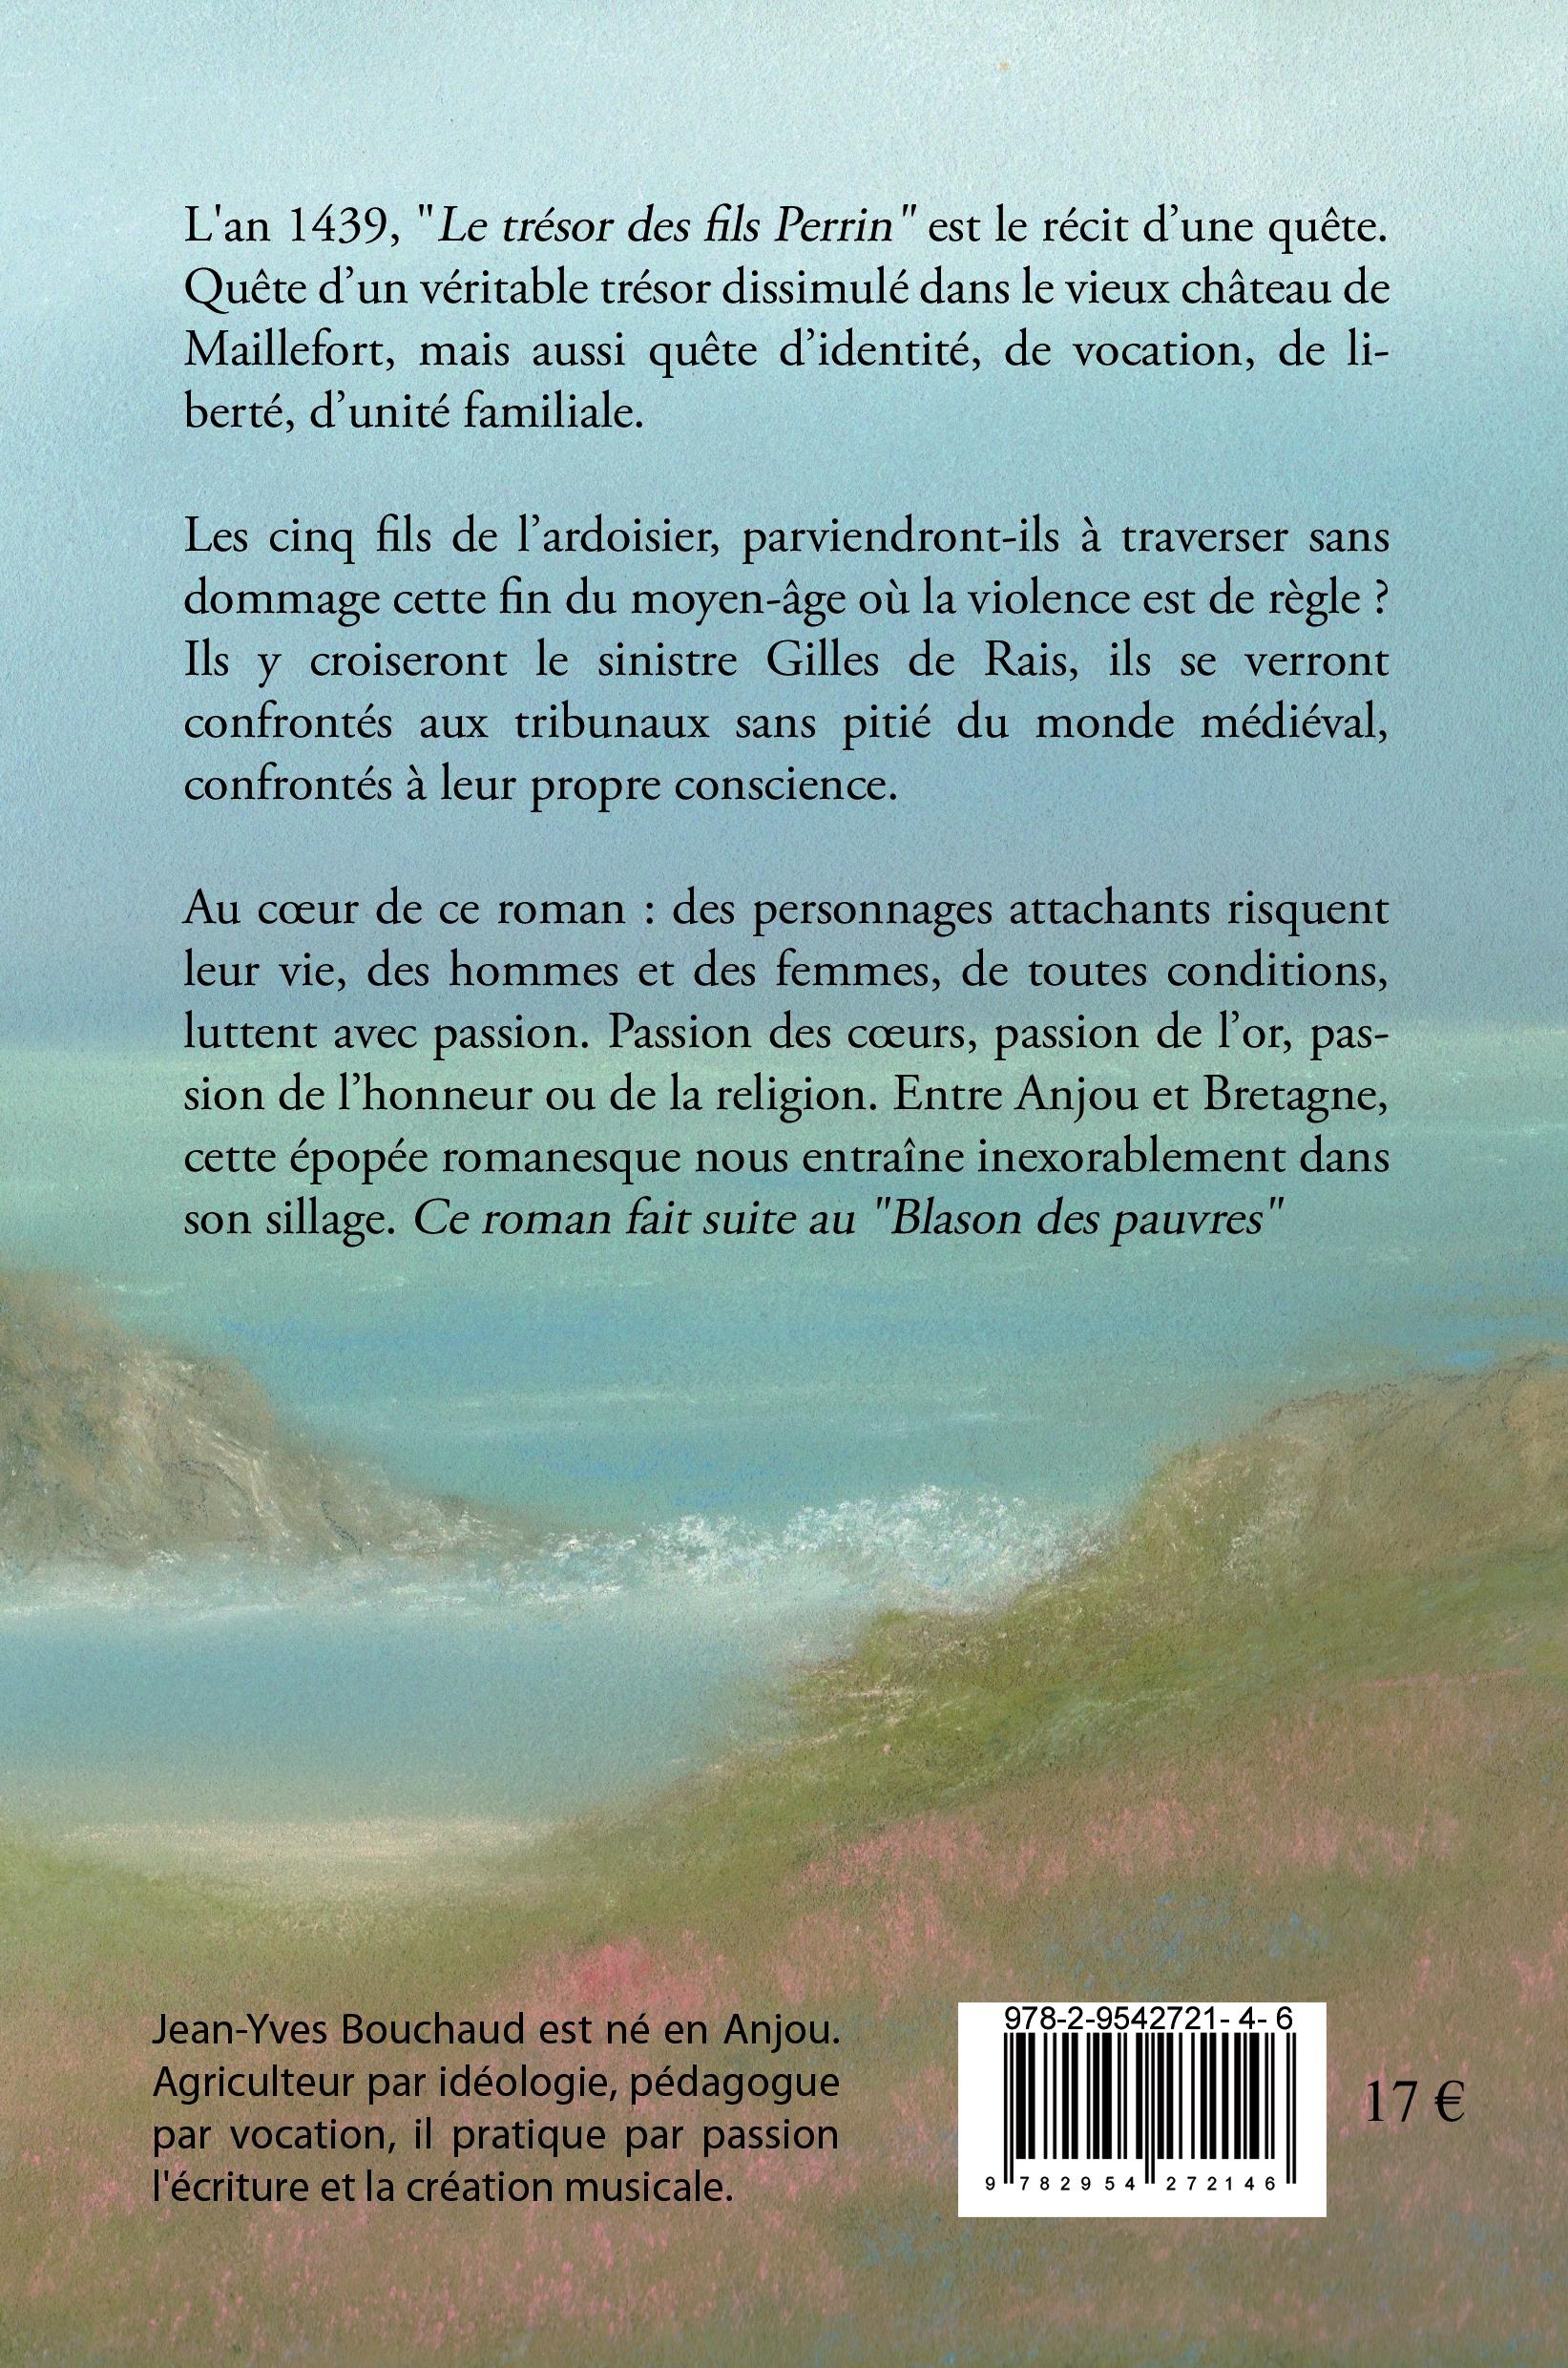 4e Couv Le trésor des fils Perrin